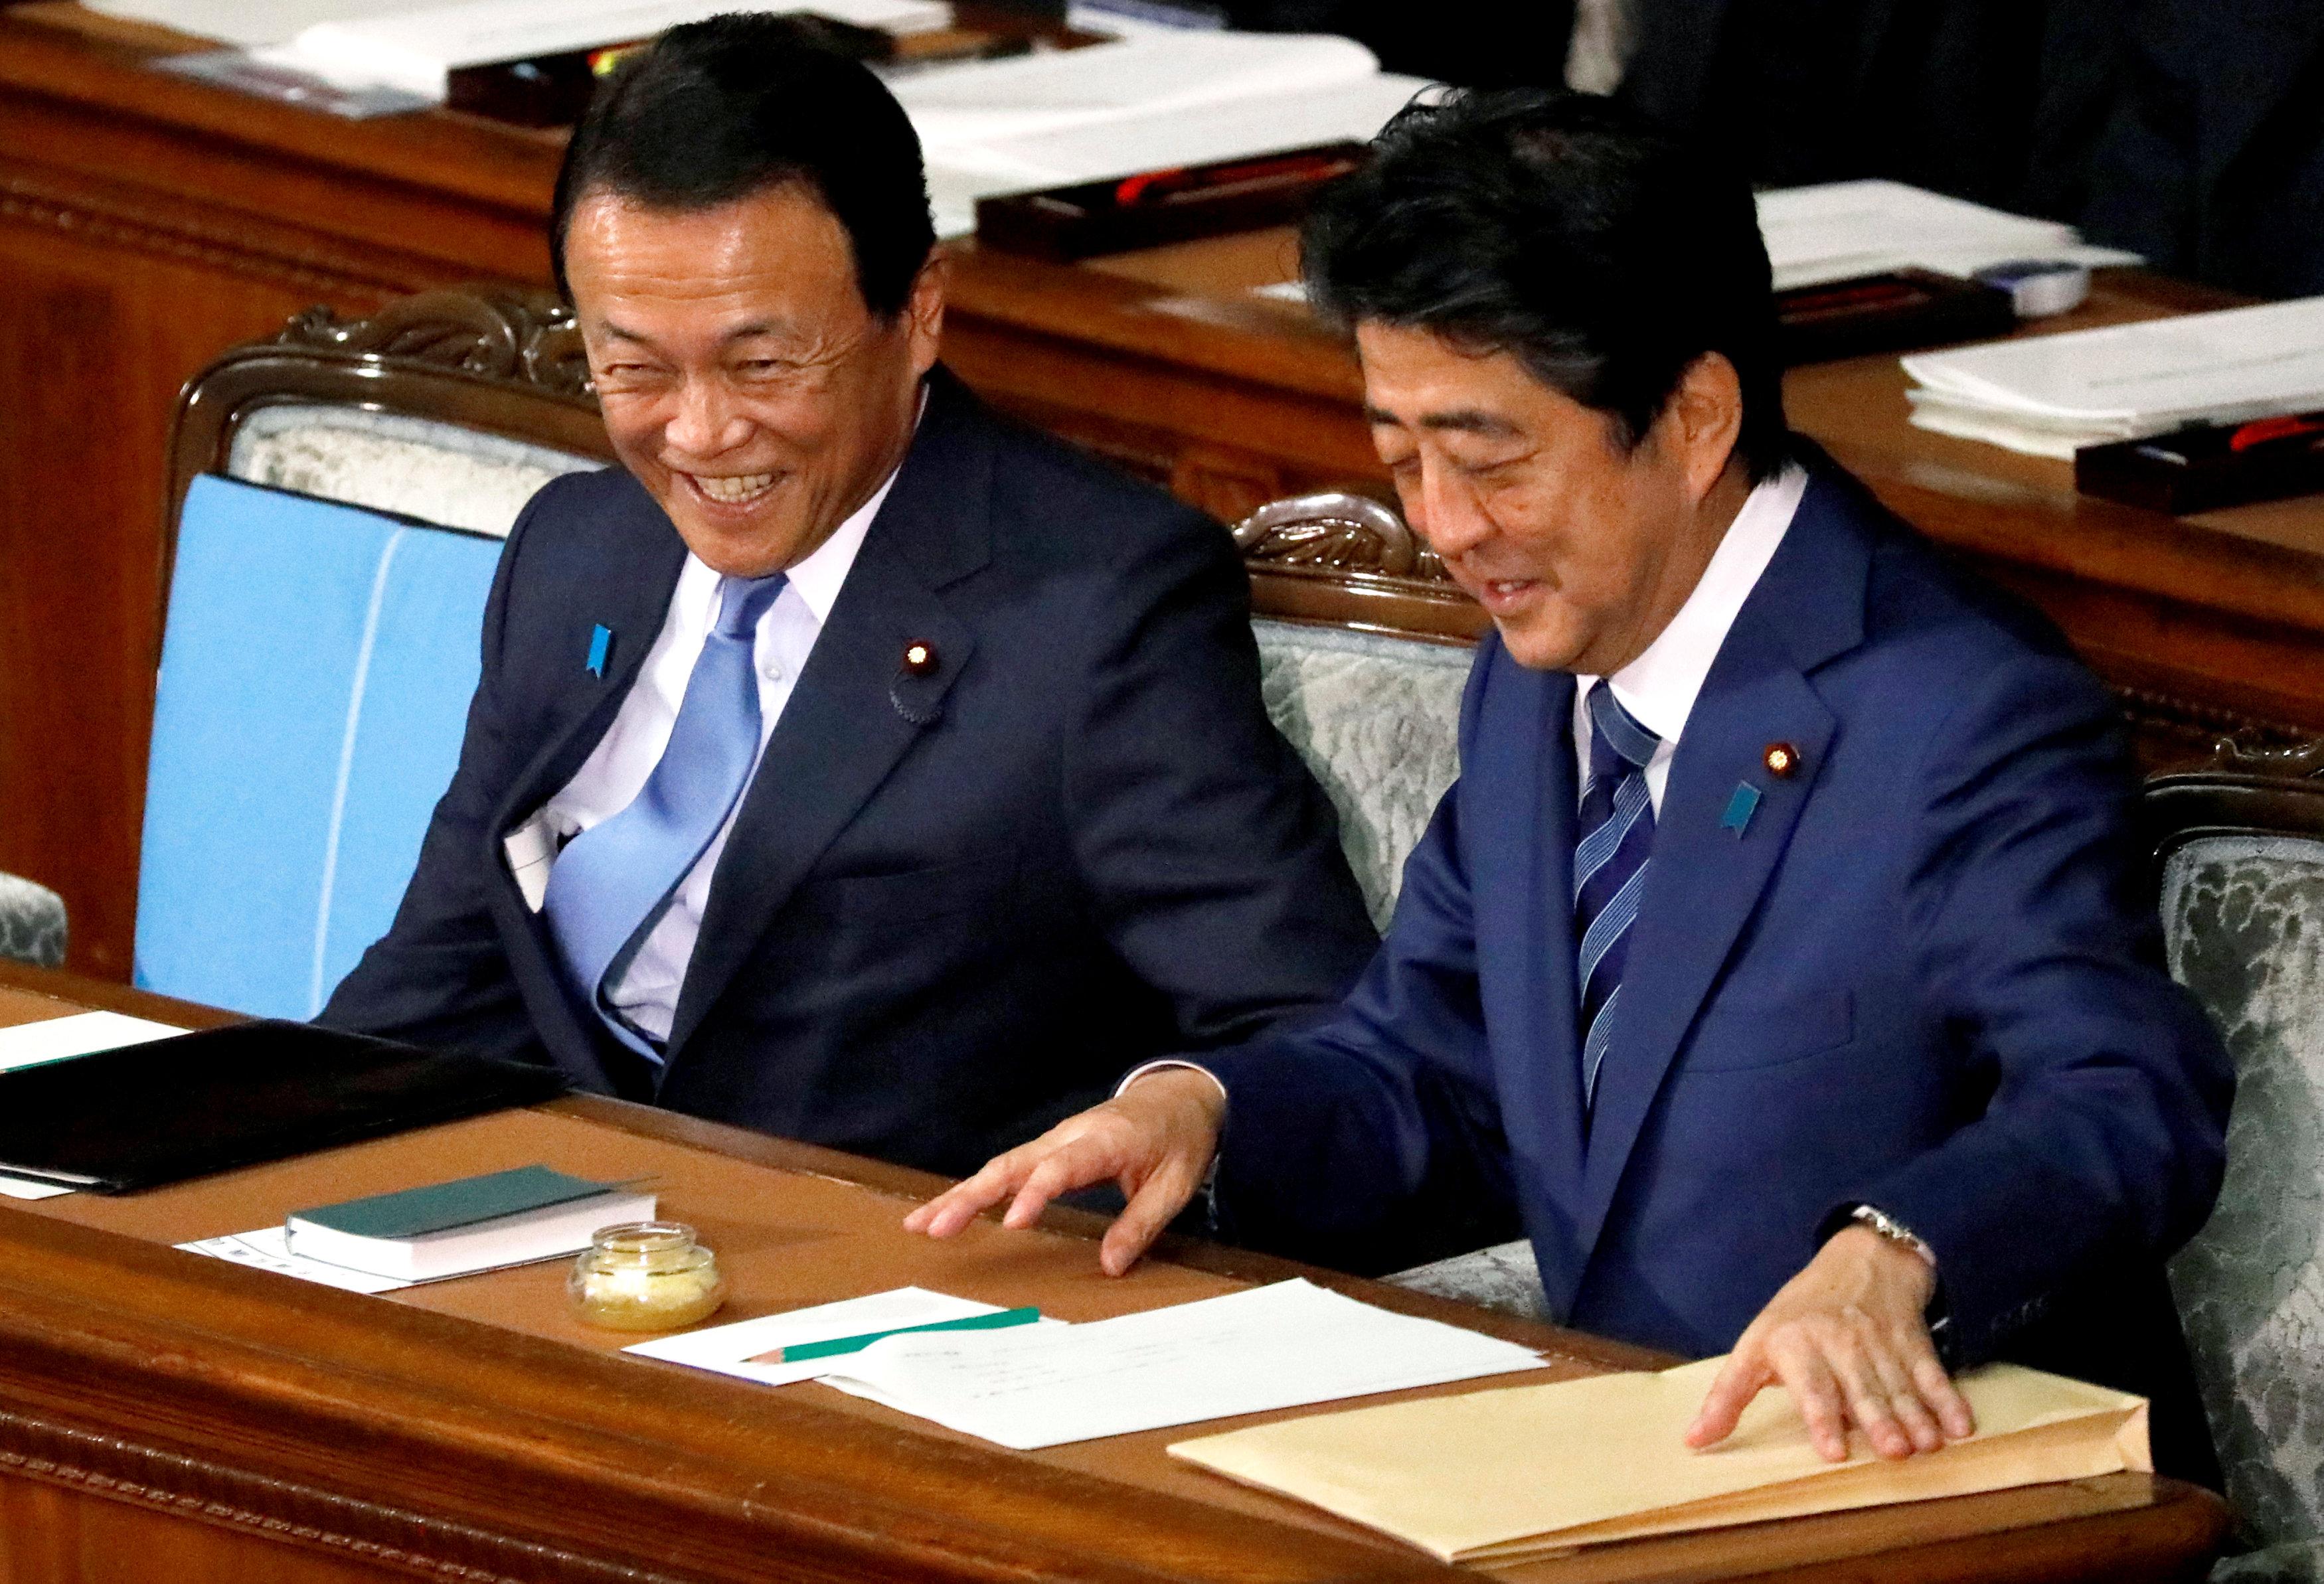 حديث باسم بين رئيس وزراء اليابان ونائبه